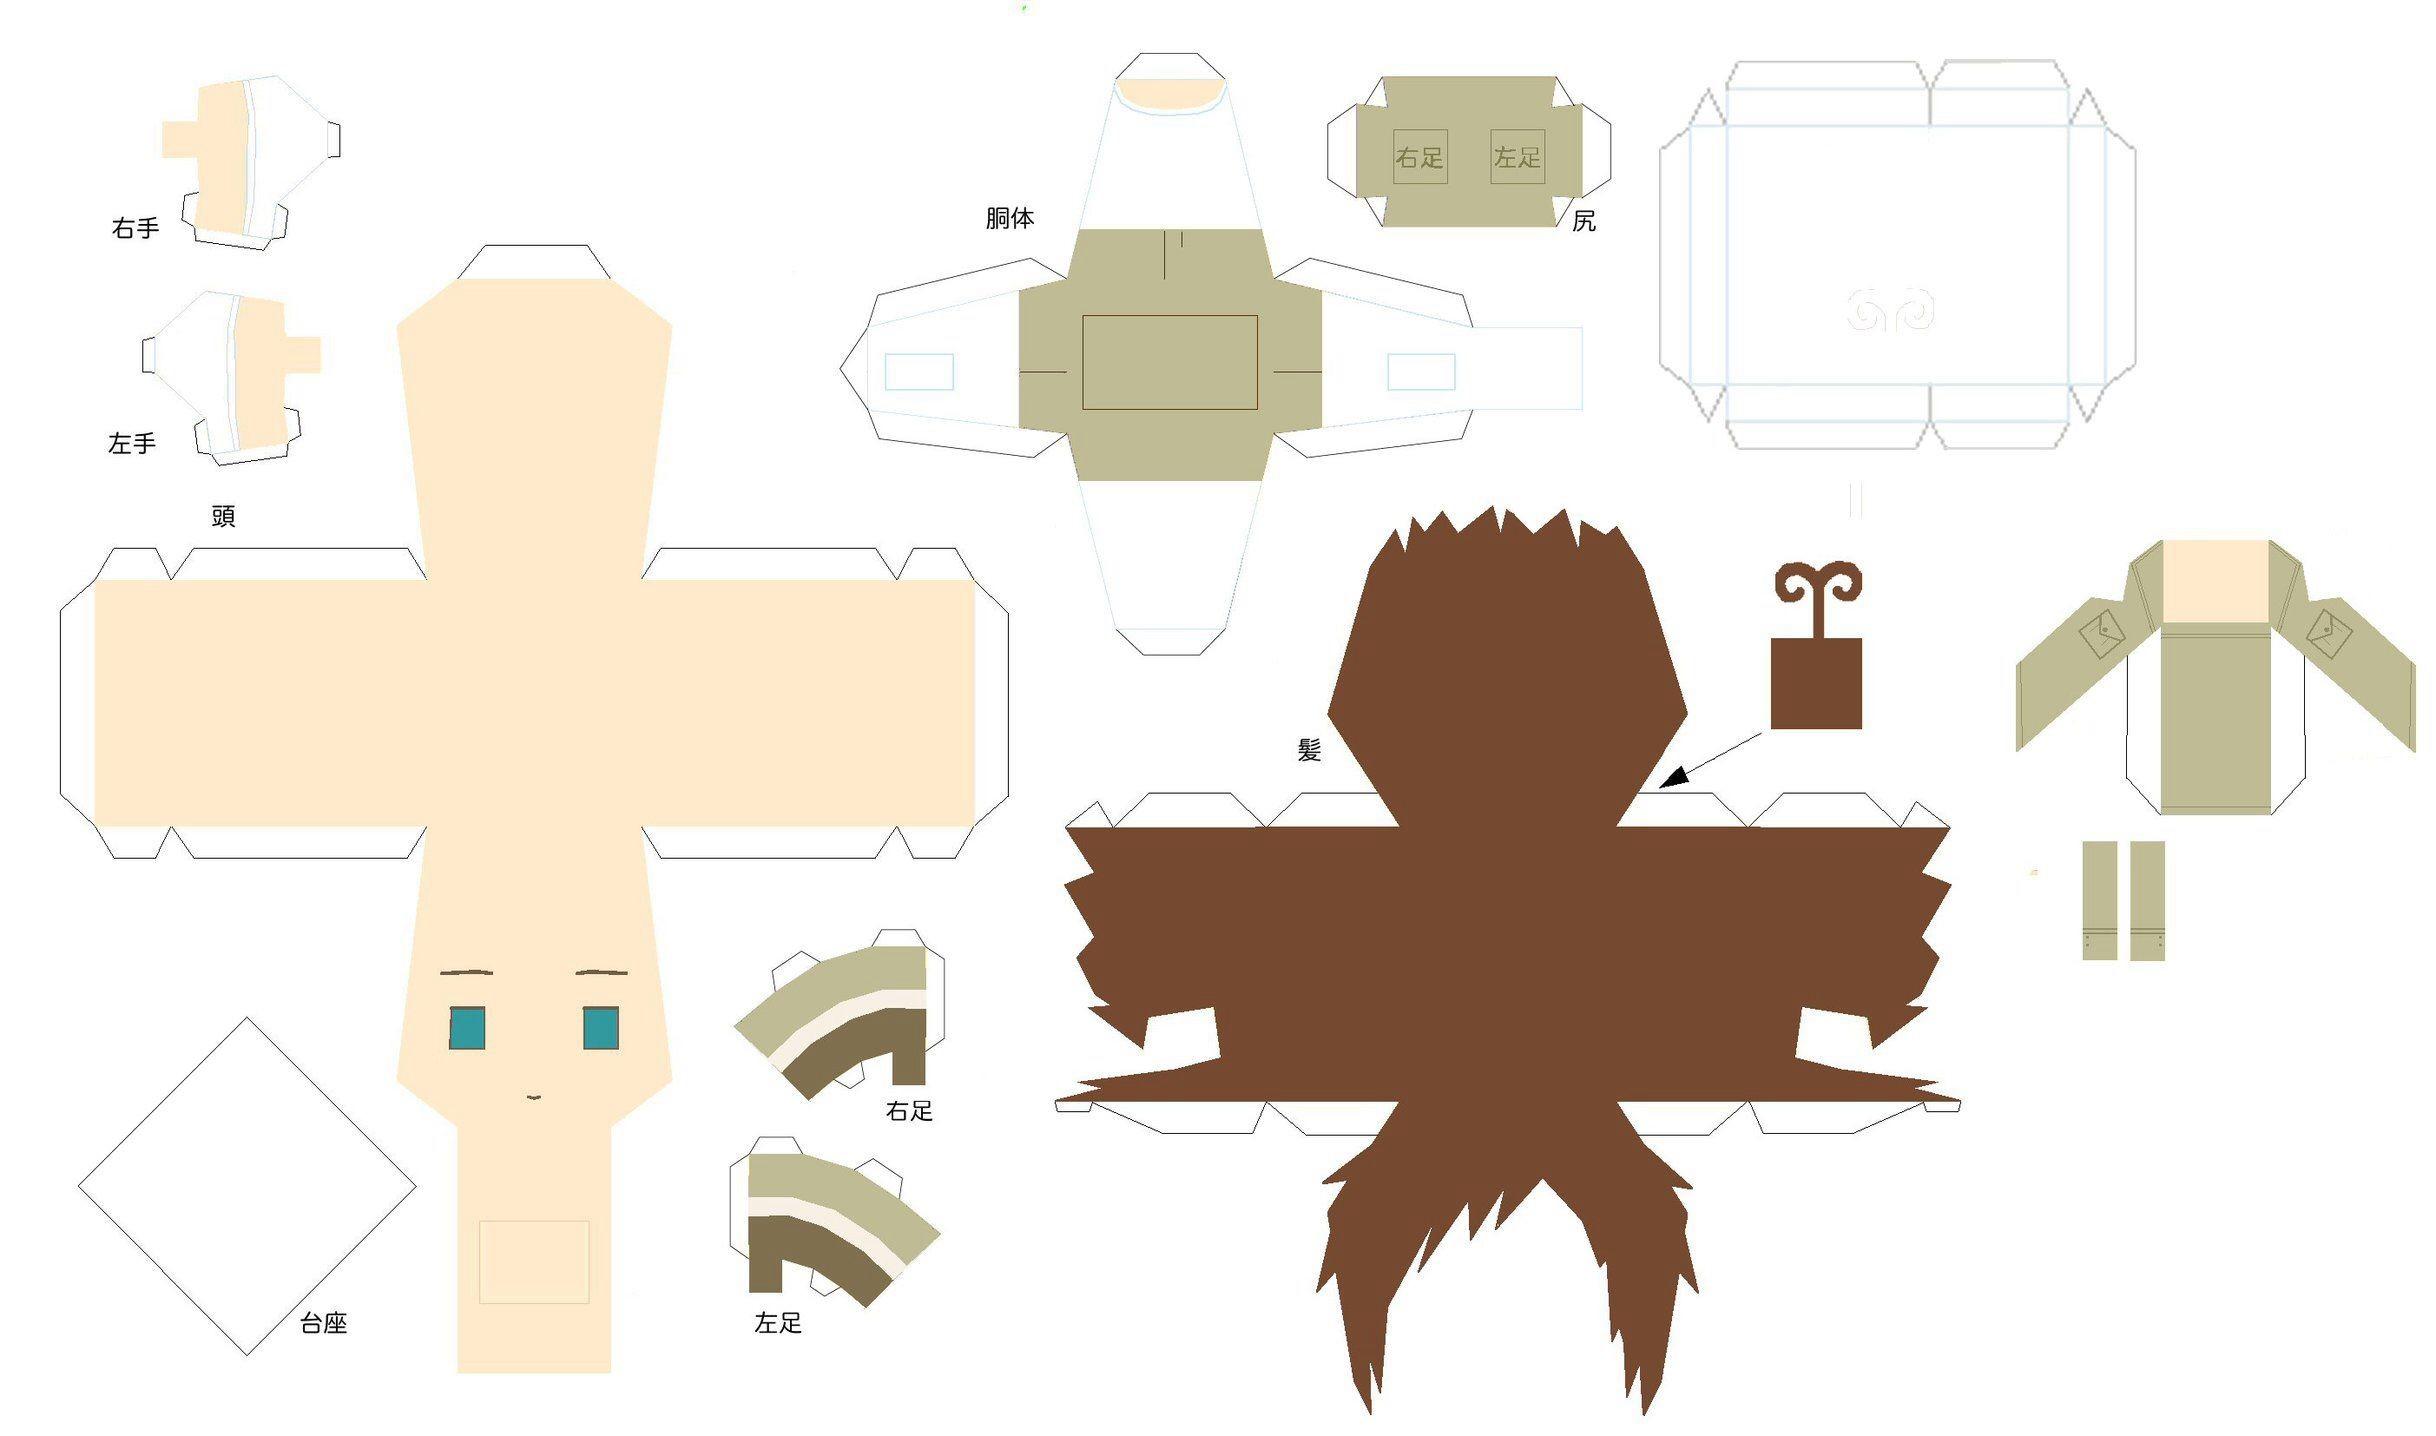 Papercraft Anime 圖片來源: